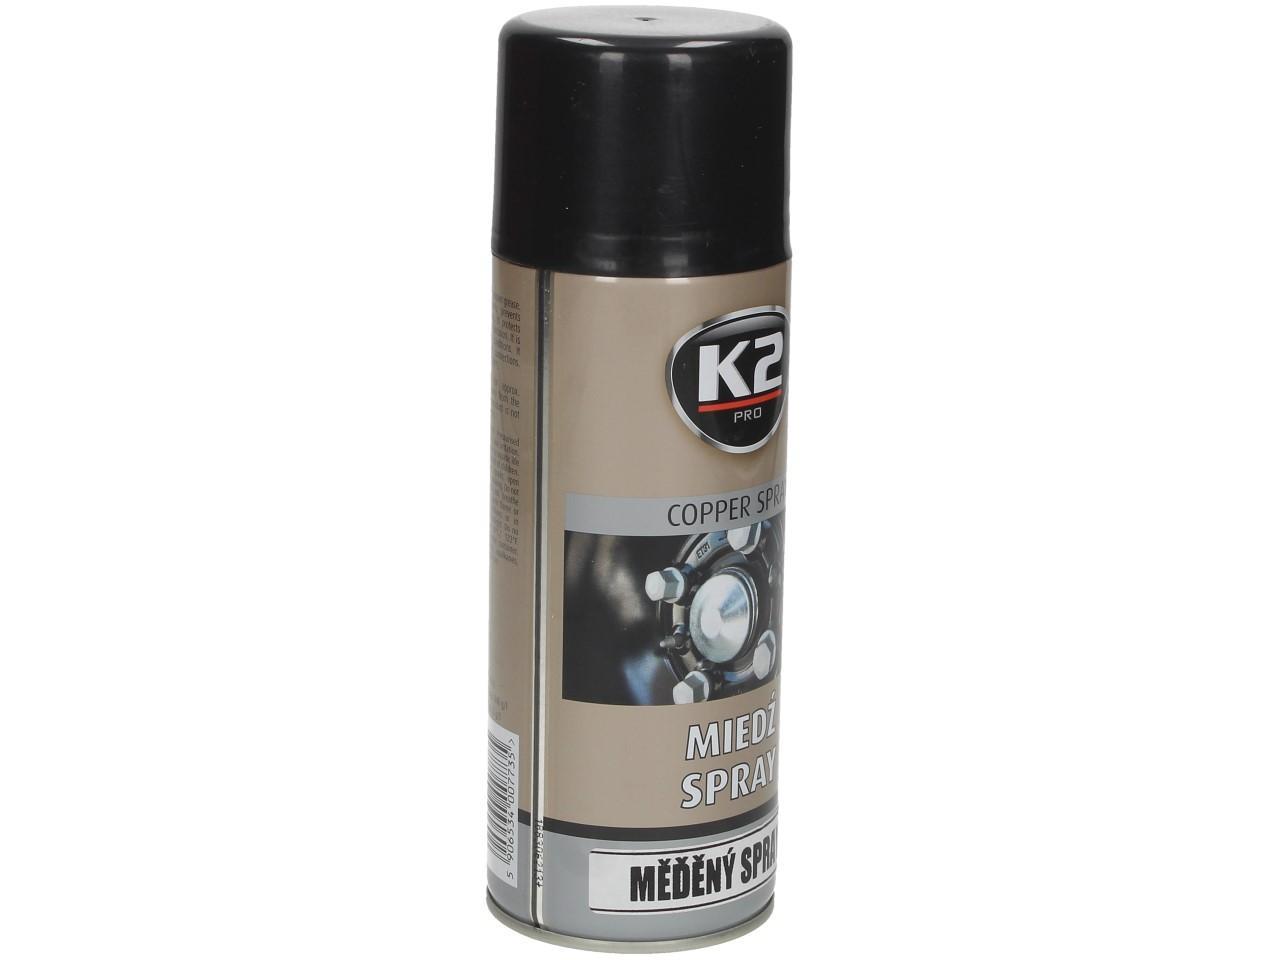 Foto 7 - K2 COPPER SPRAY 400 ml - měděný sprej